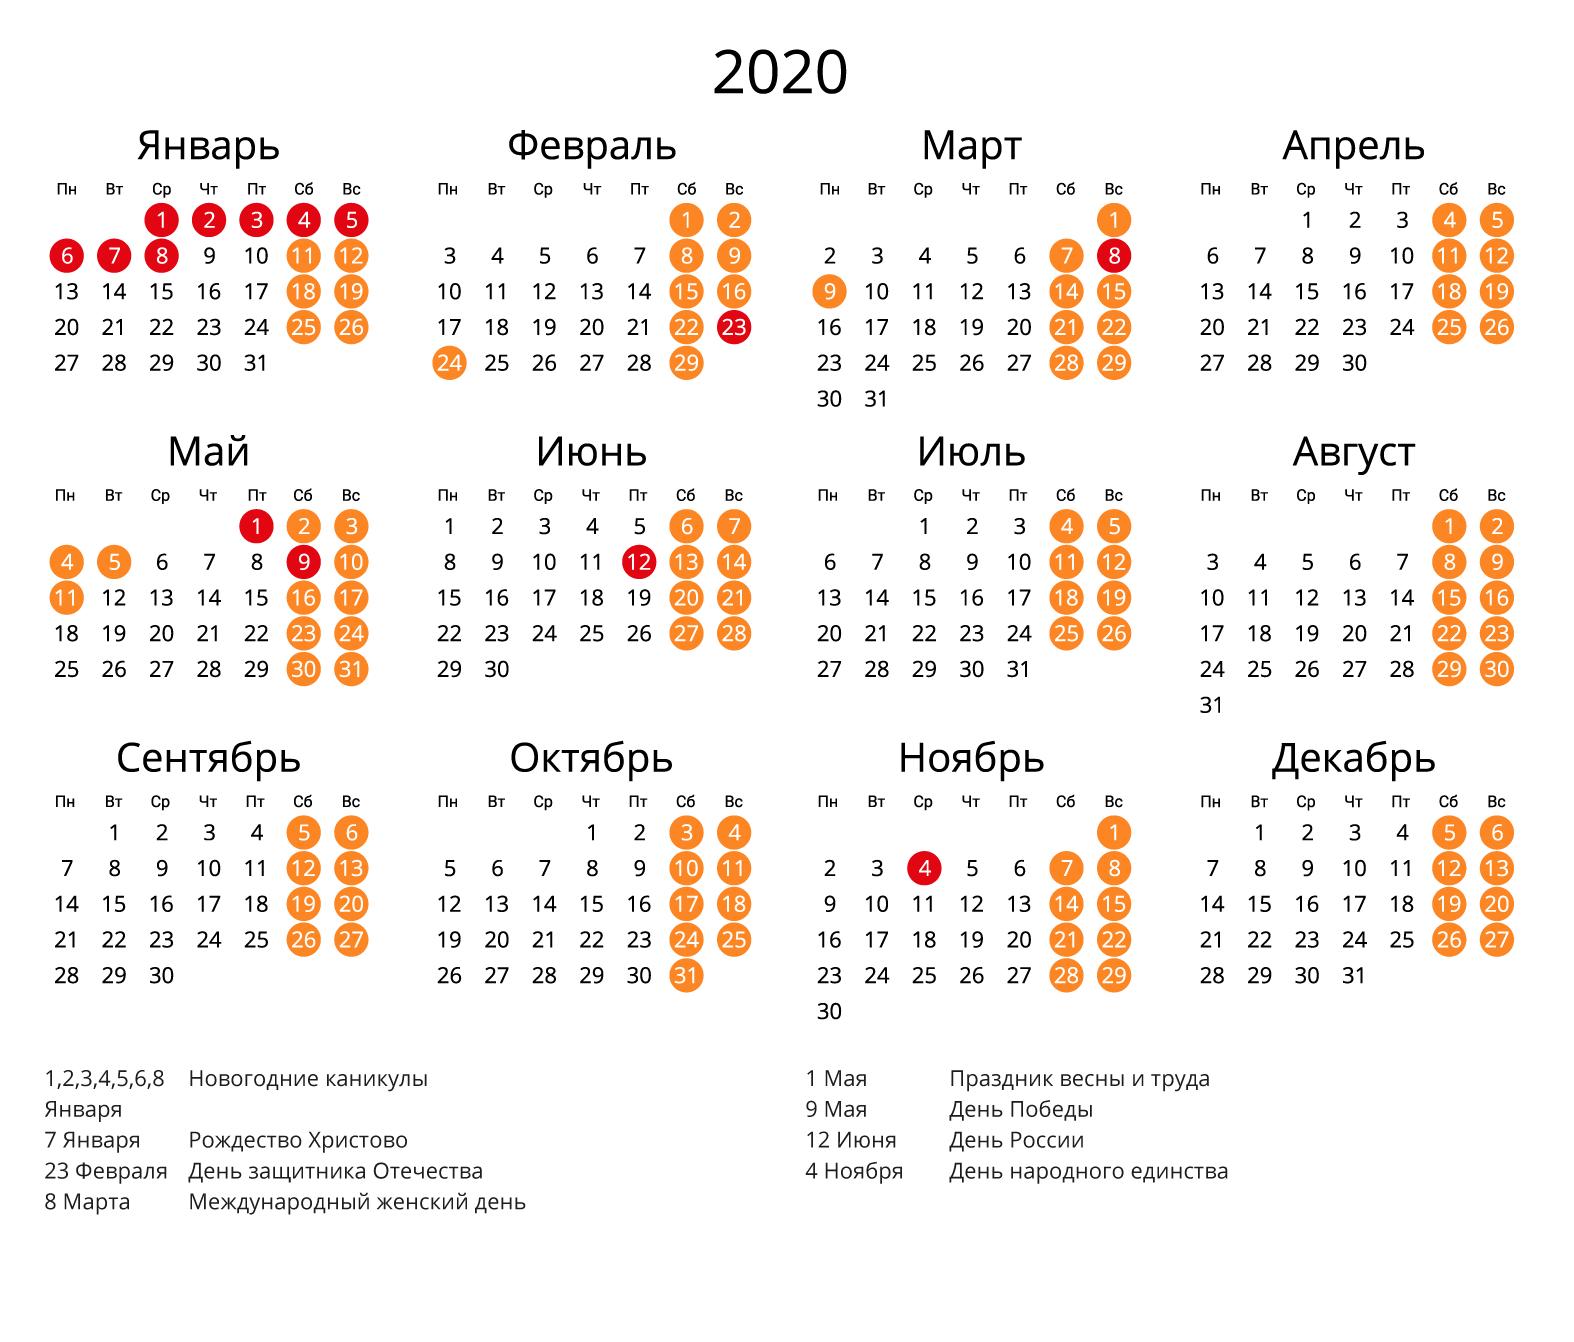 Календарь 2020 Украина Скачать  Bagno.site in Kalendar Kuda March 2020